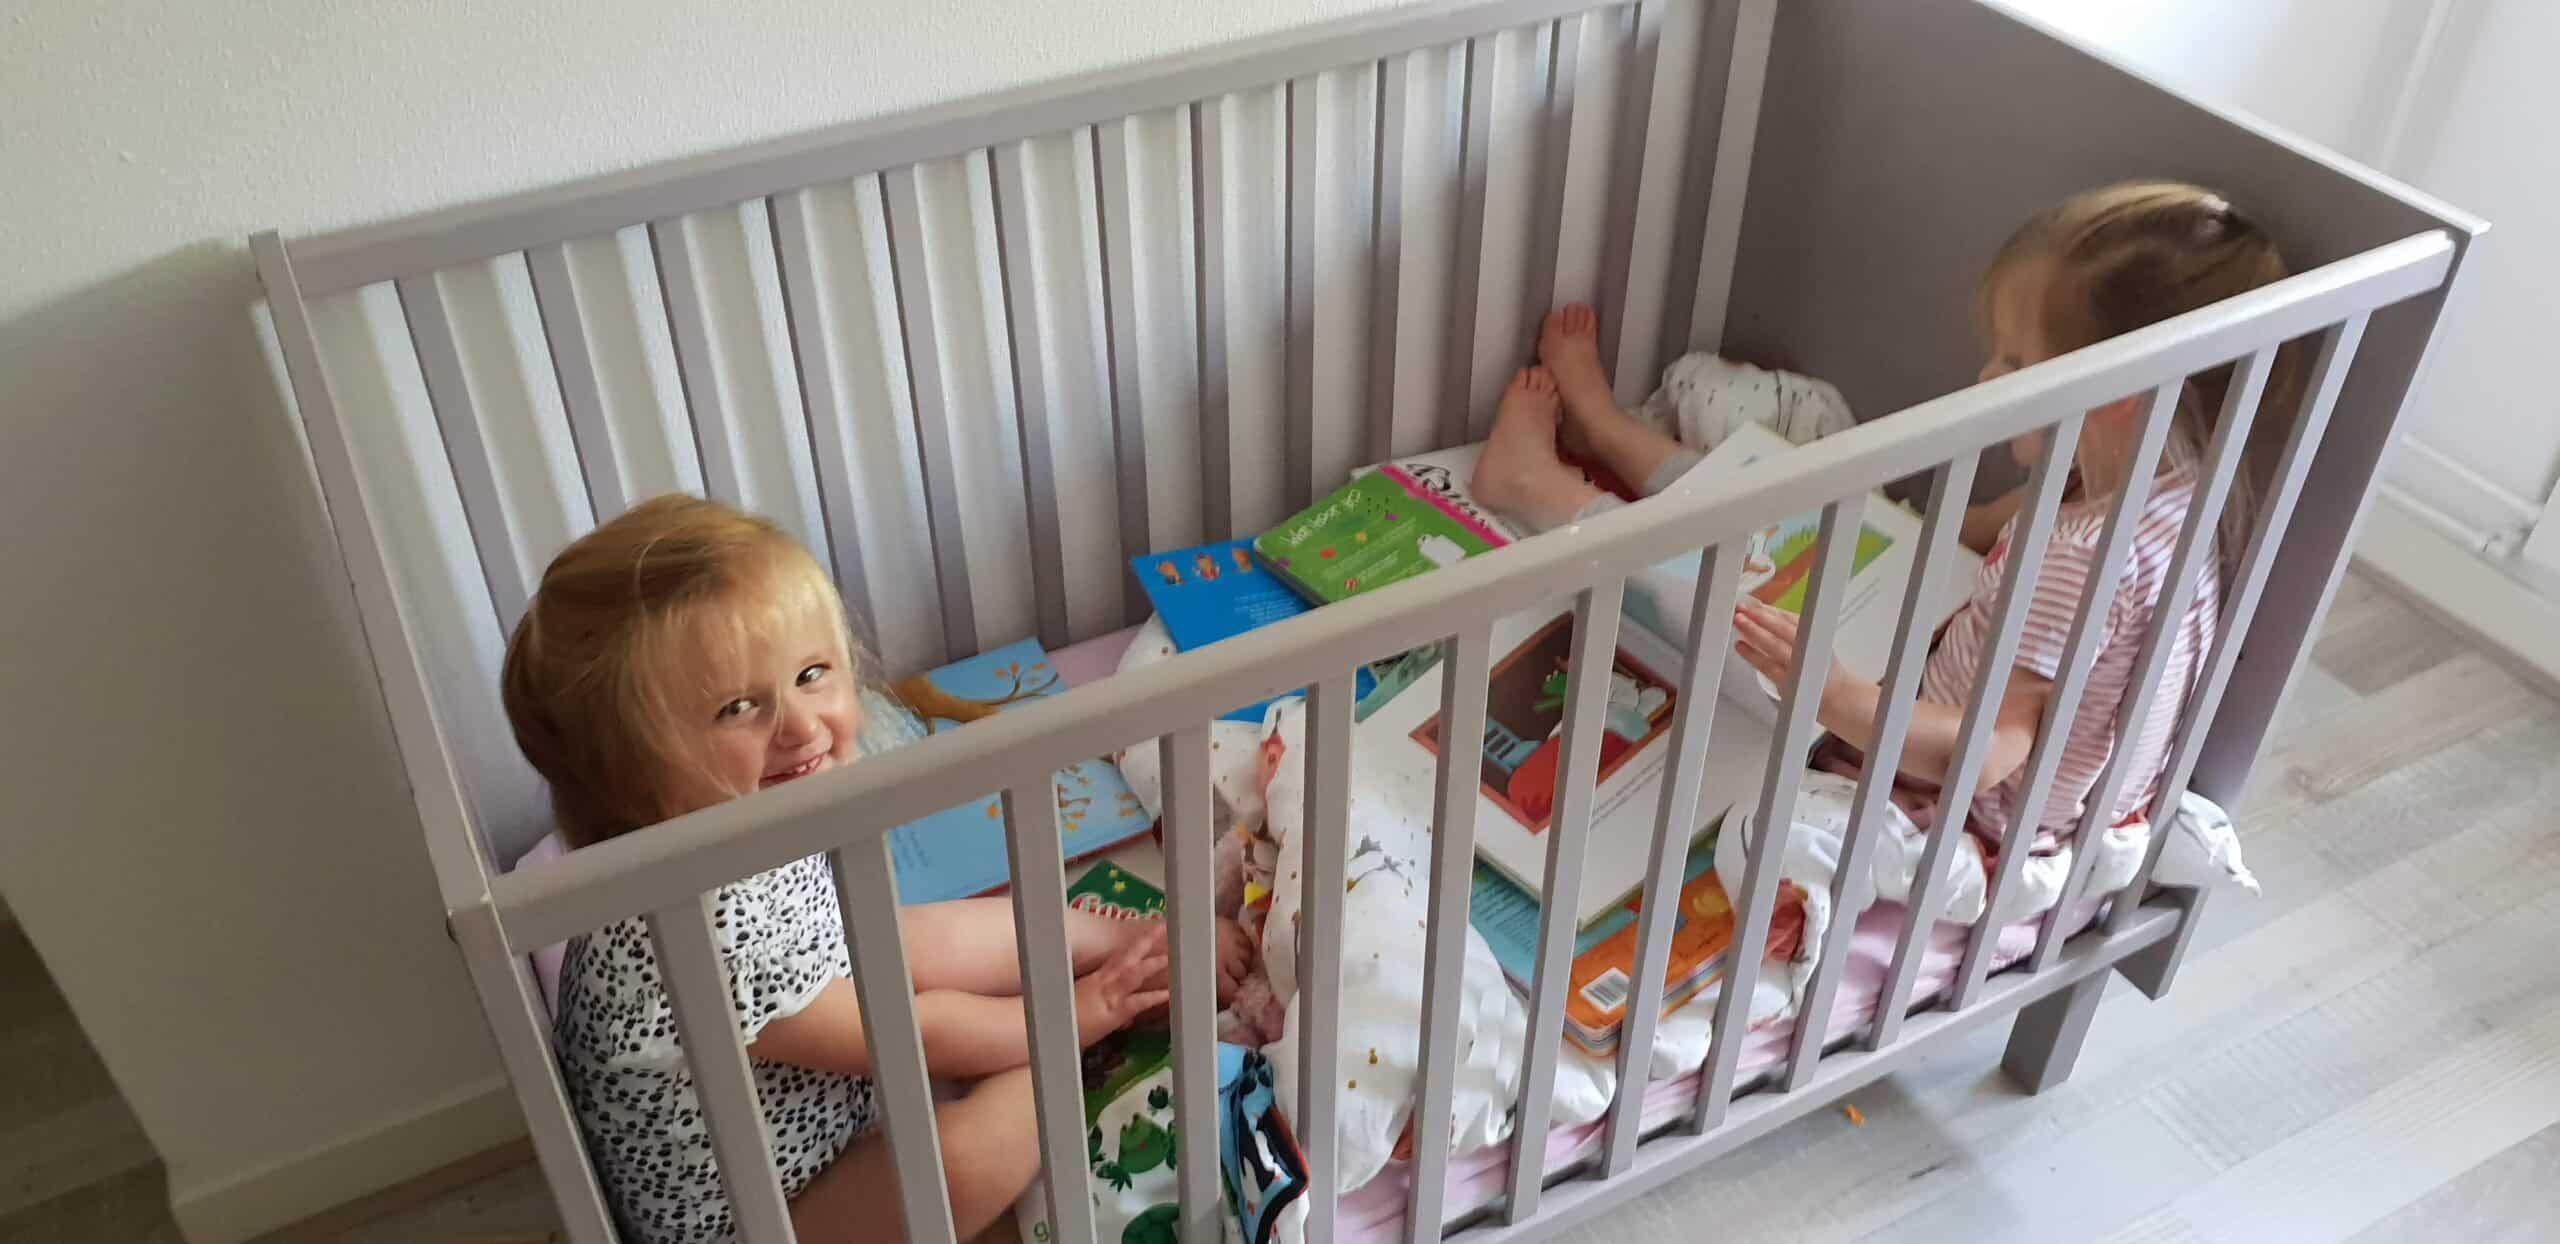 De meiden samen in bed - dadventures.nl